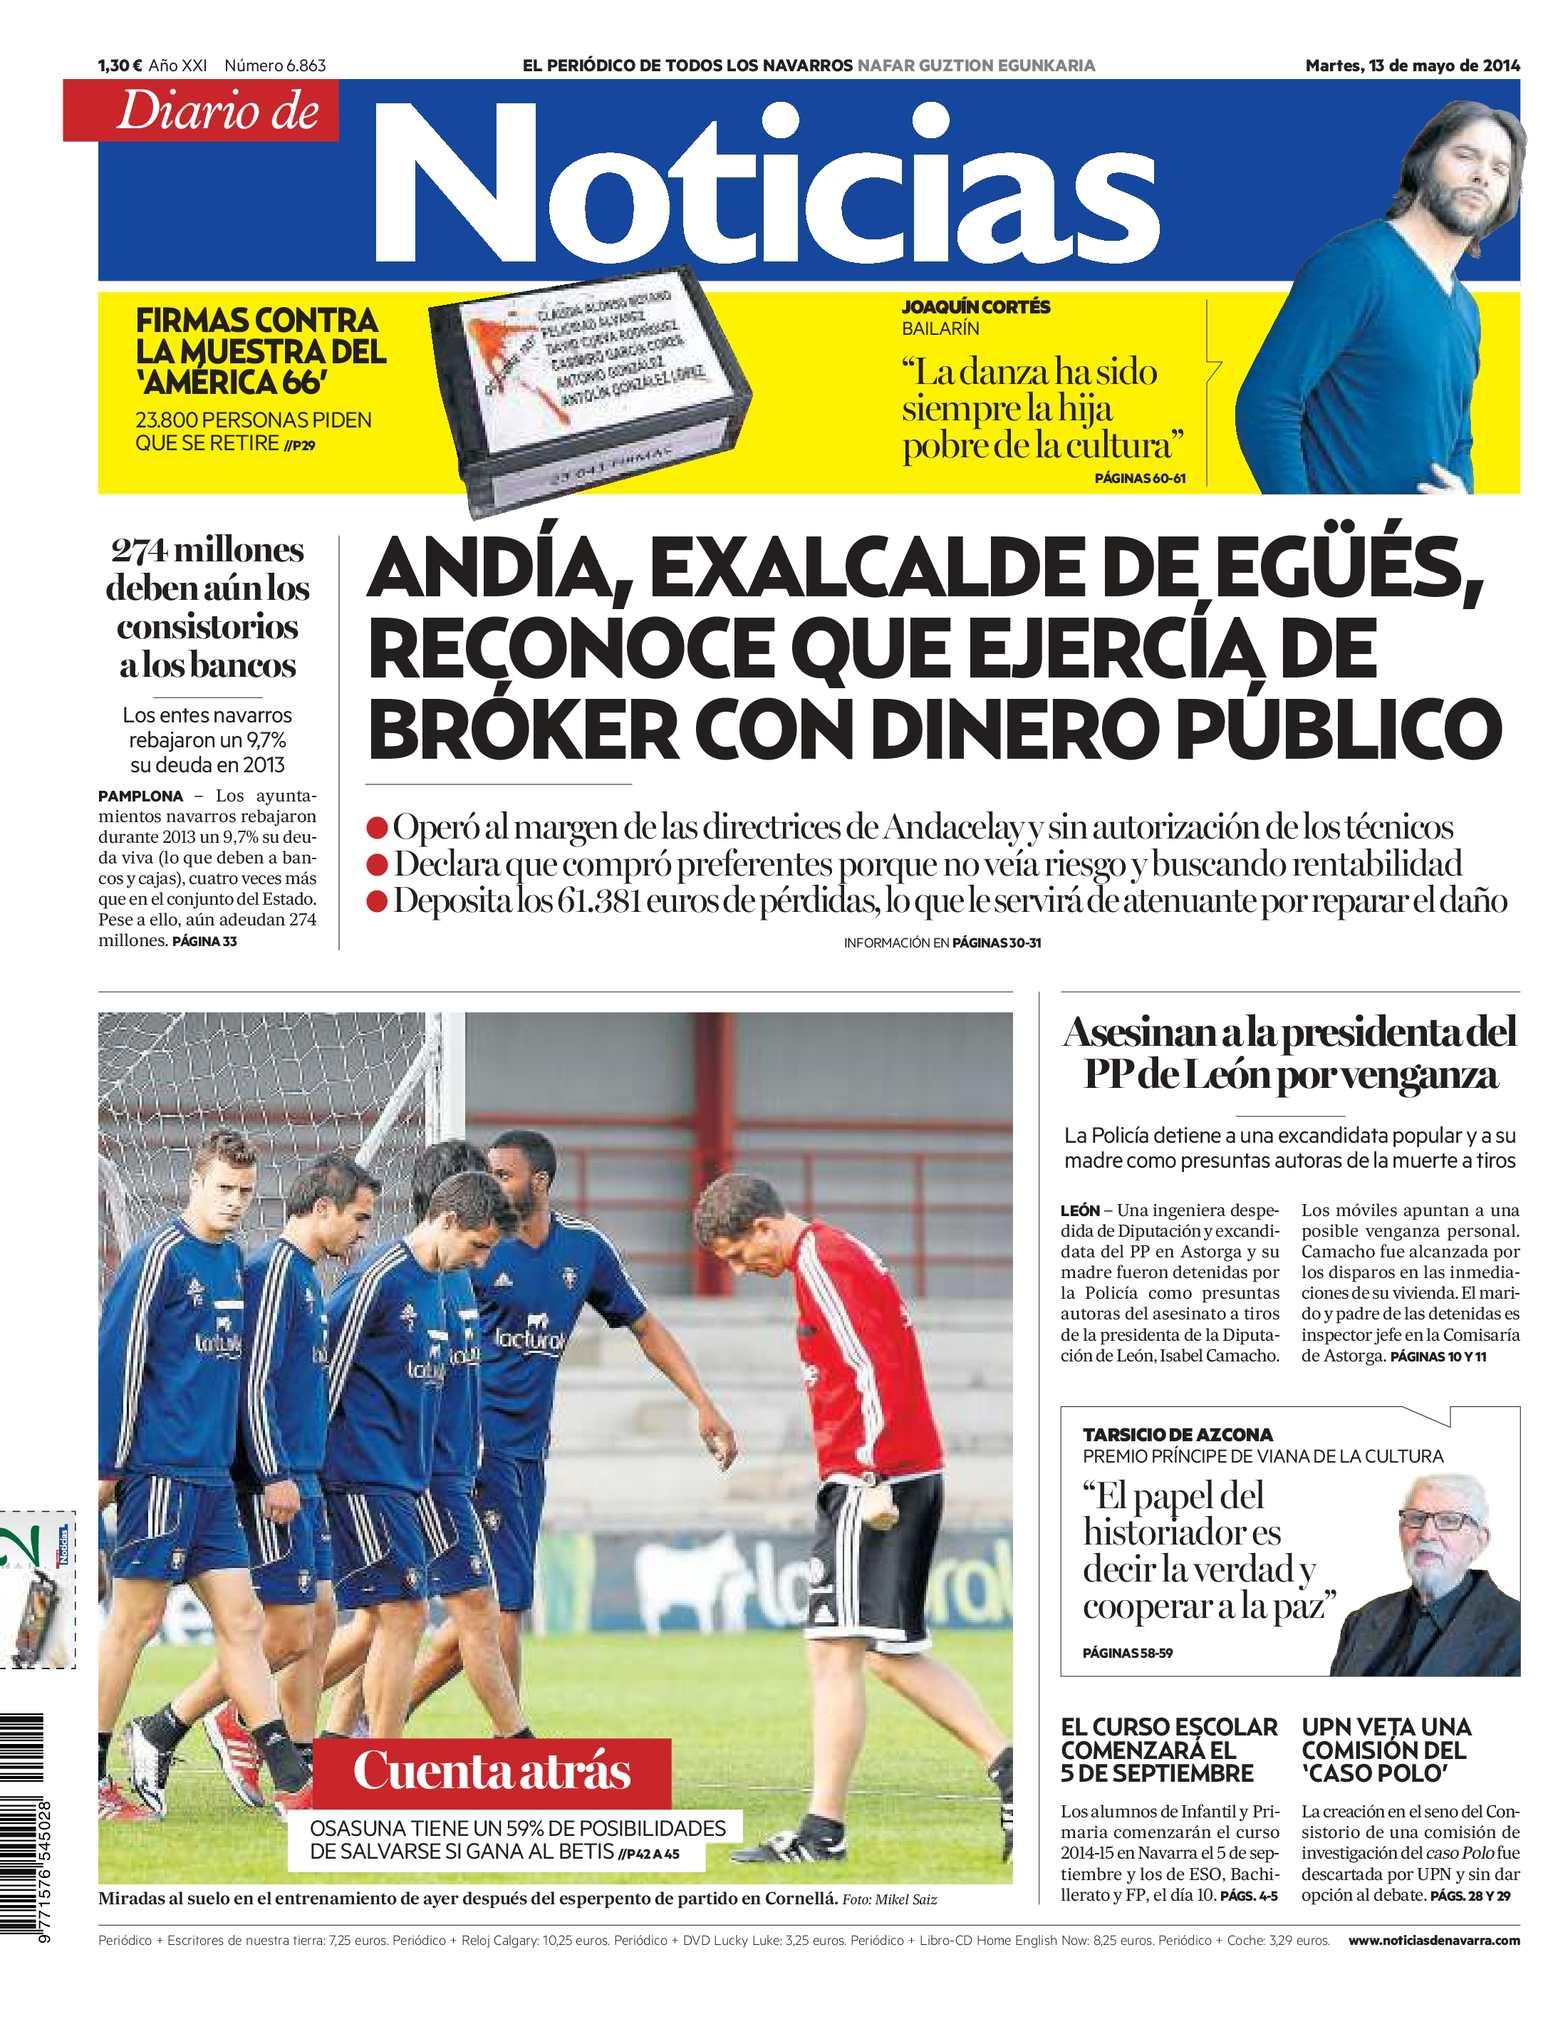 Calaméo - Diario de Noticias 20140513 5e6cbb8567055